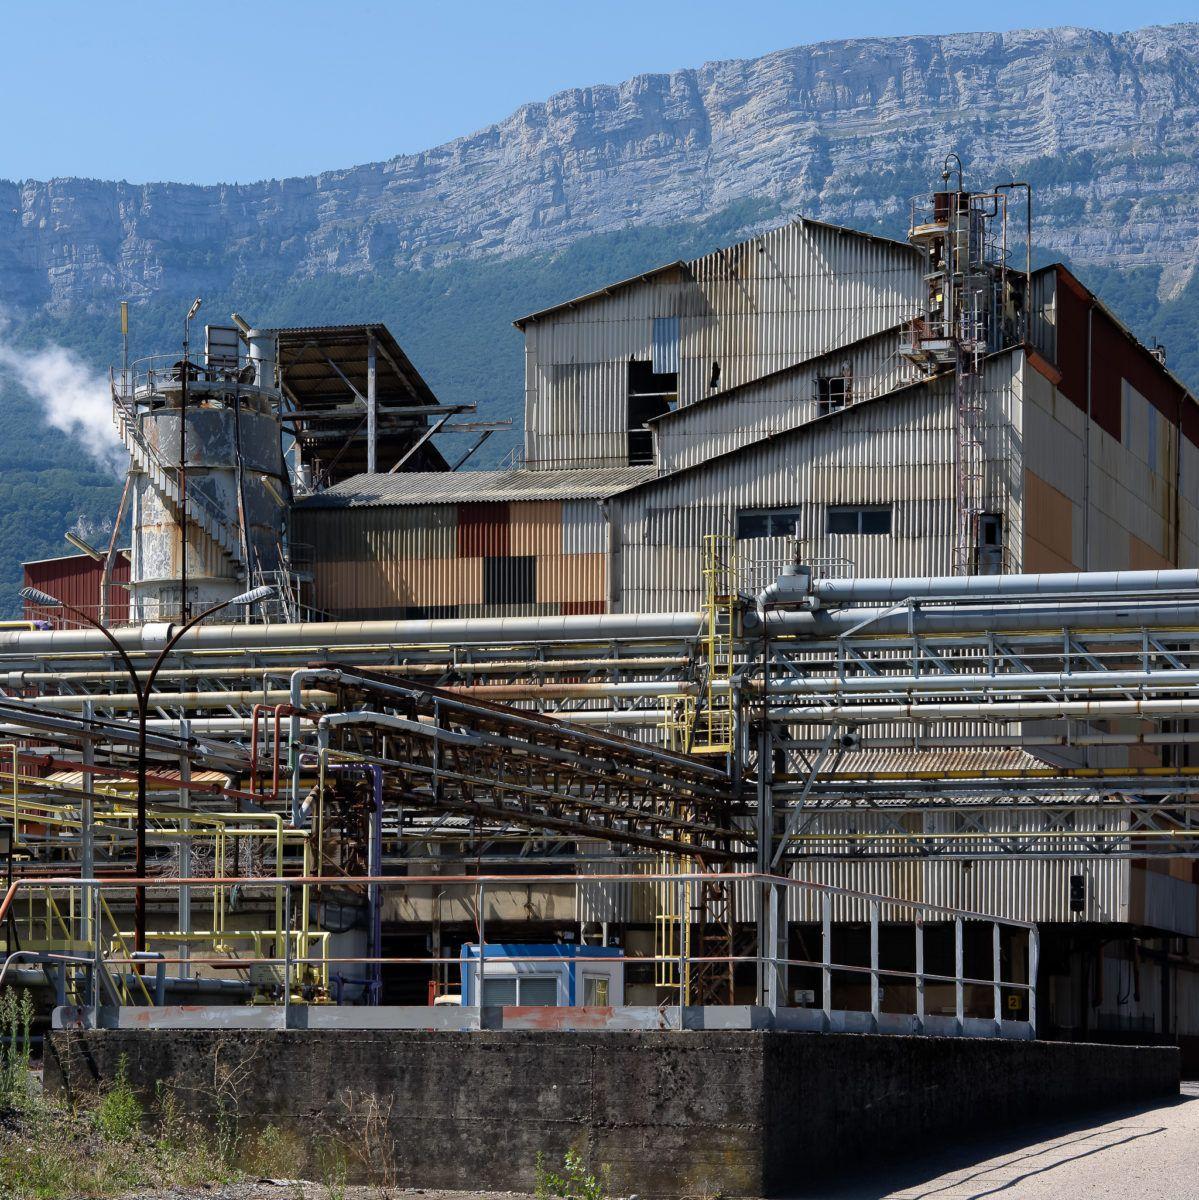 Bâtiment désaffecté d'une usine chimique, montage en fond.